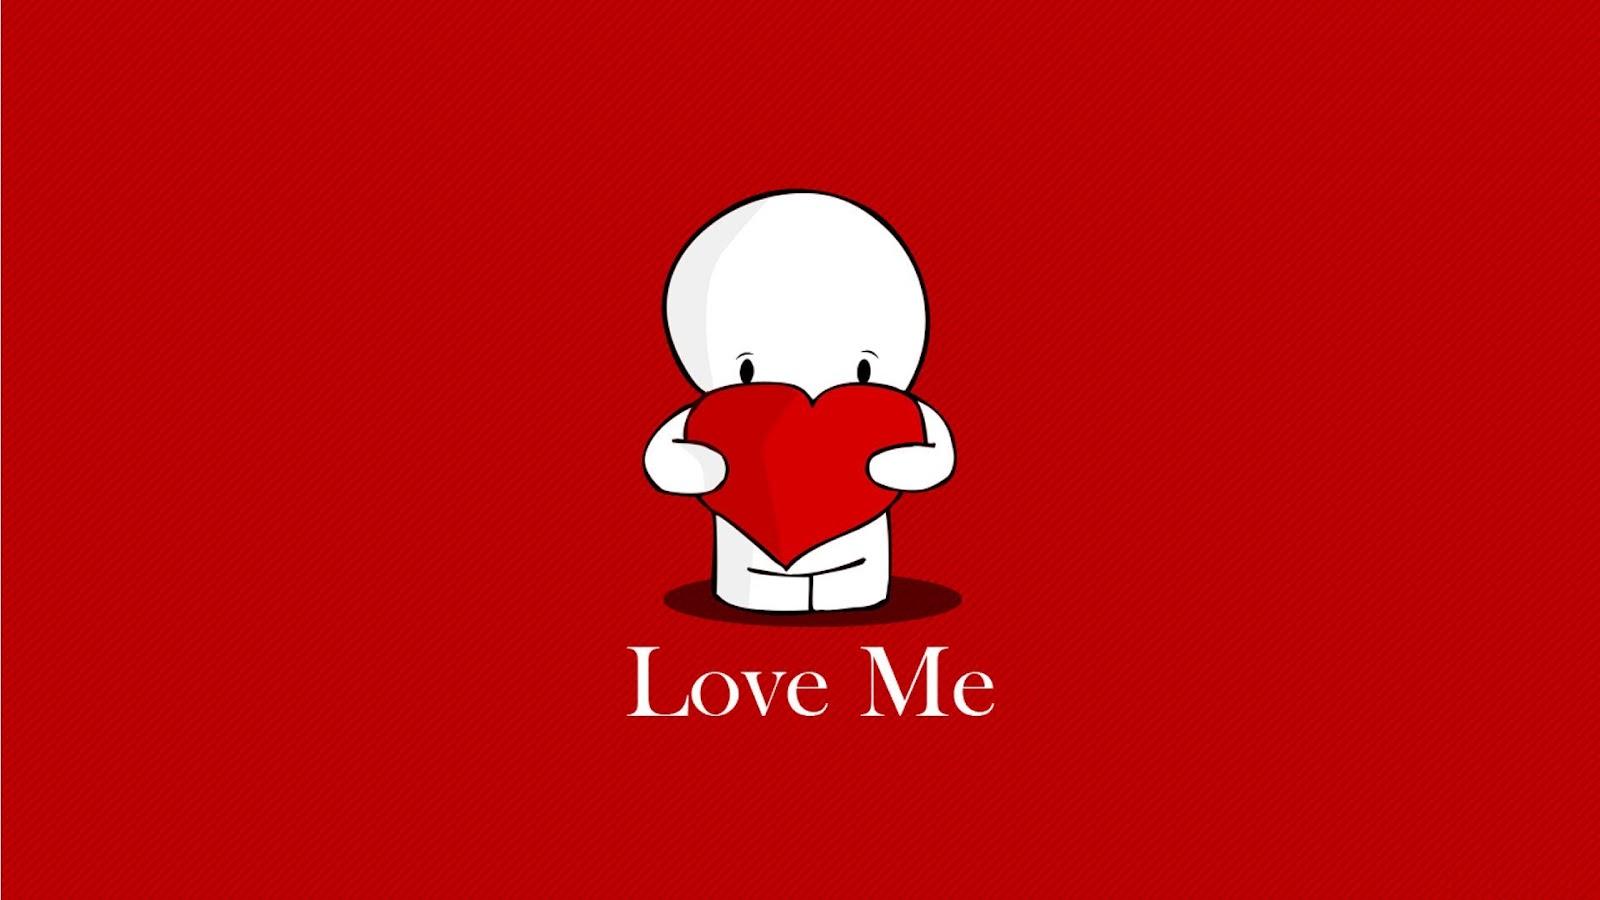 http://4.bp.blogspot.com/-jW9BQa5JfGs/T-I_Se9LA2I/AAAAAAAAENM/y0q1nmB55hk/s1600/I%27m+In+Love+Wallpaper+1.jpg